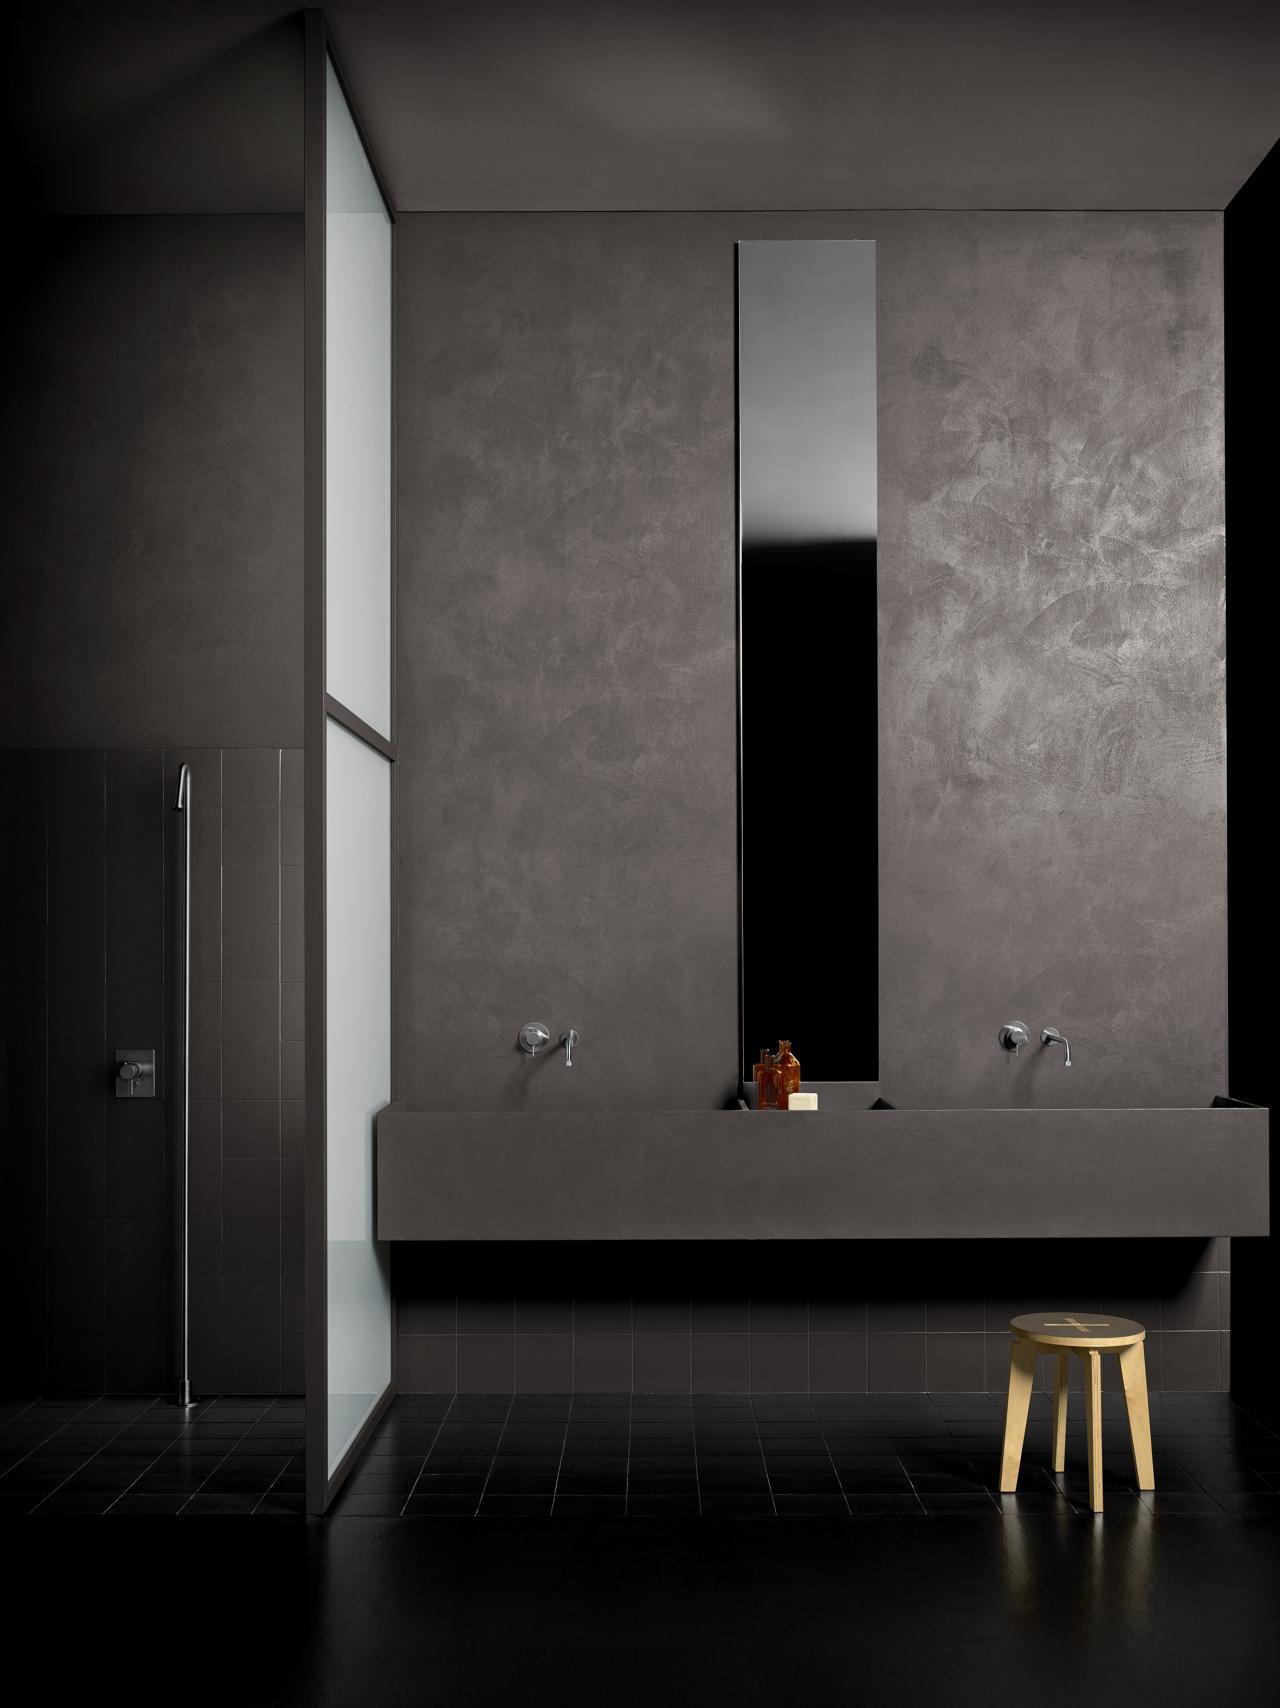 Resina kerakoll per pavimenti e rivestimenti vicenza fratelli pellizzari - Rivestimento resina bagno ...